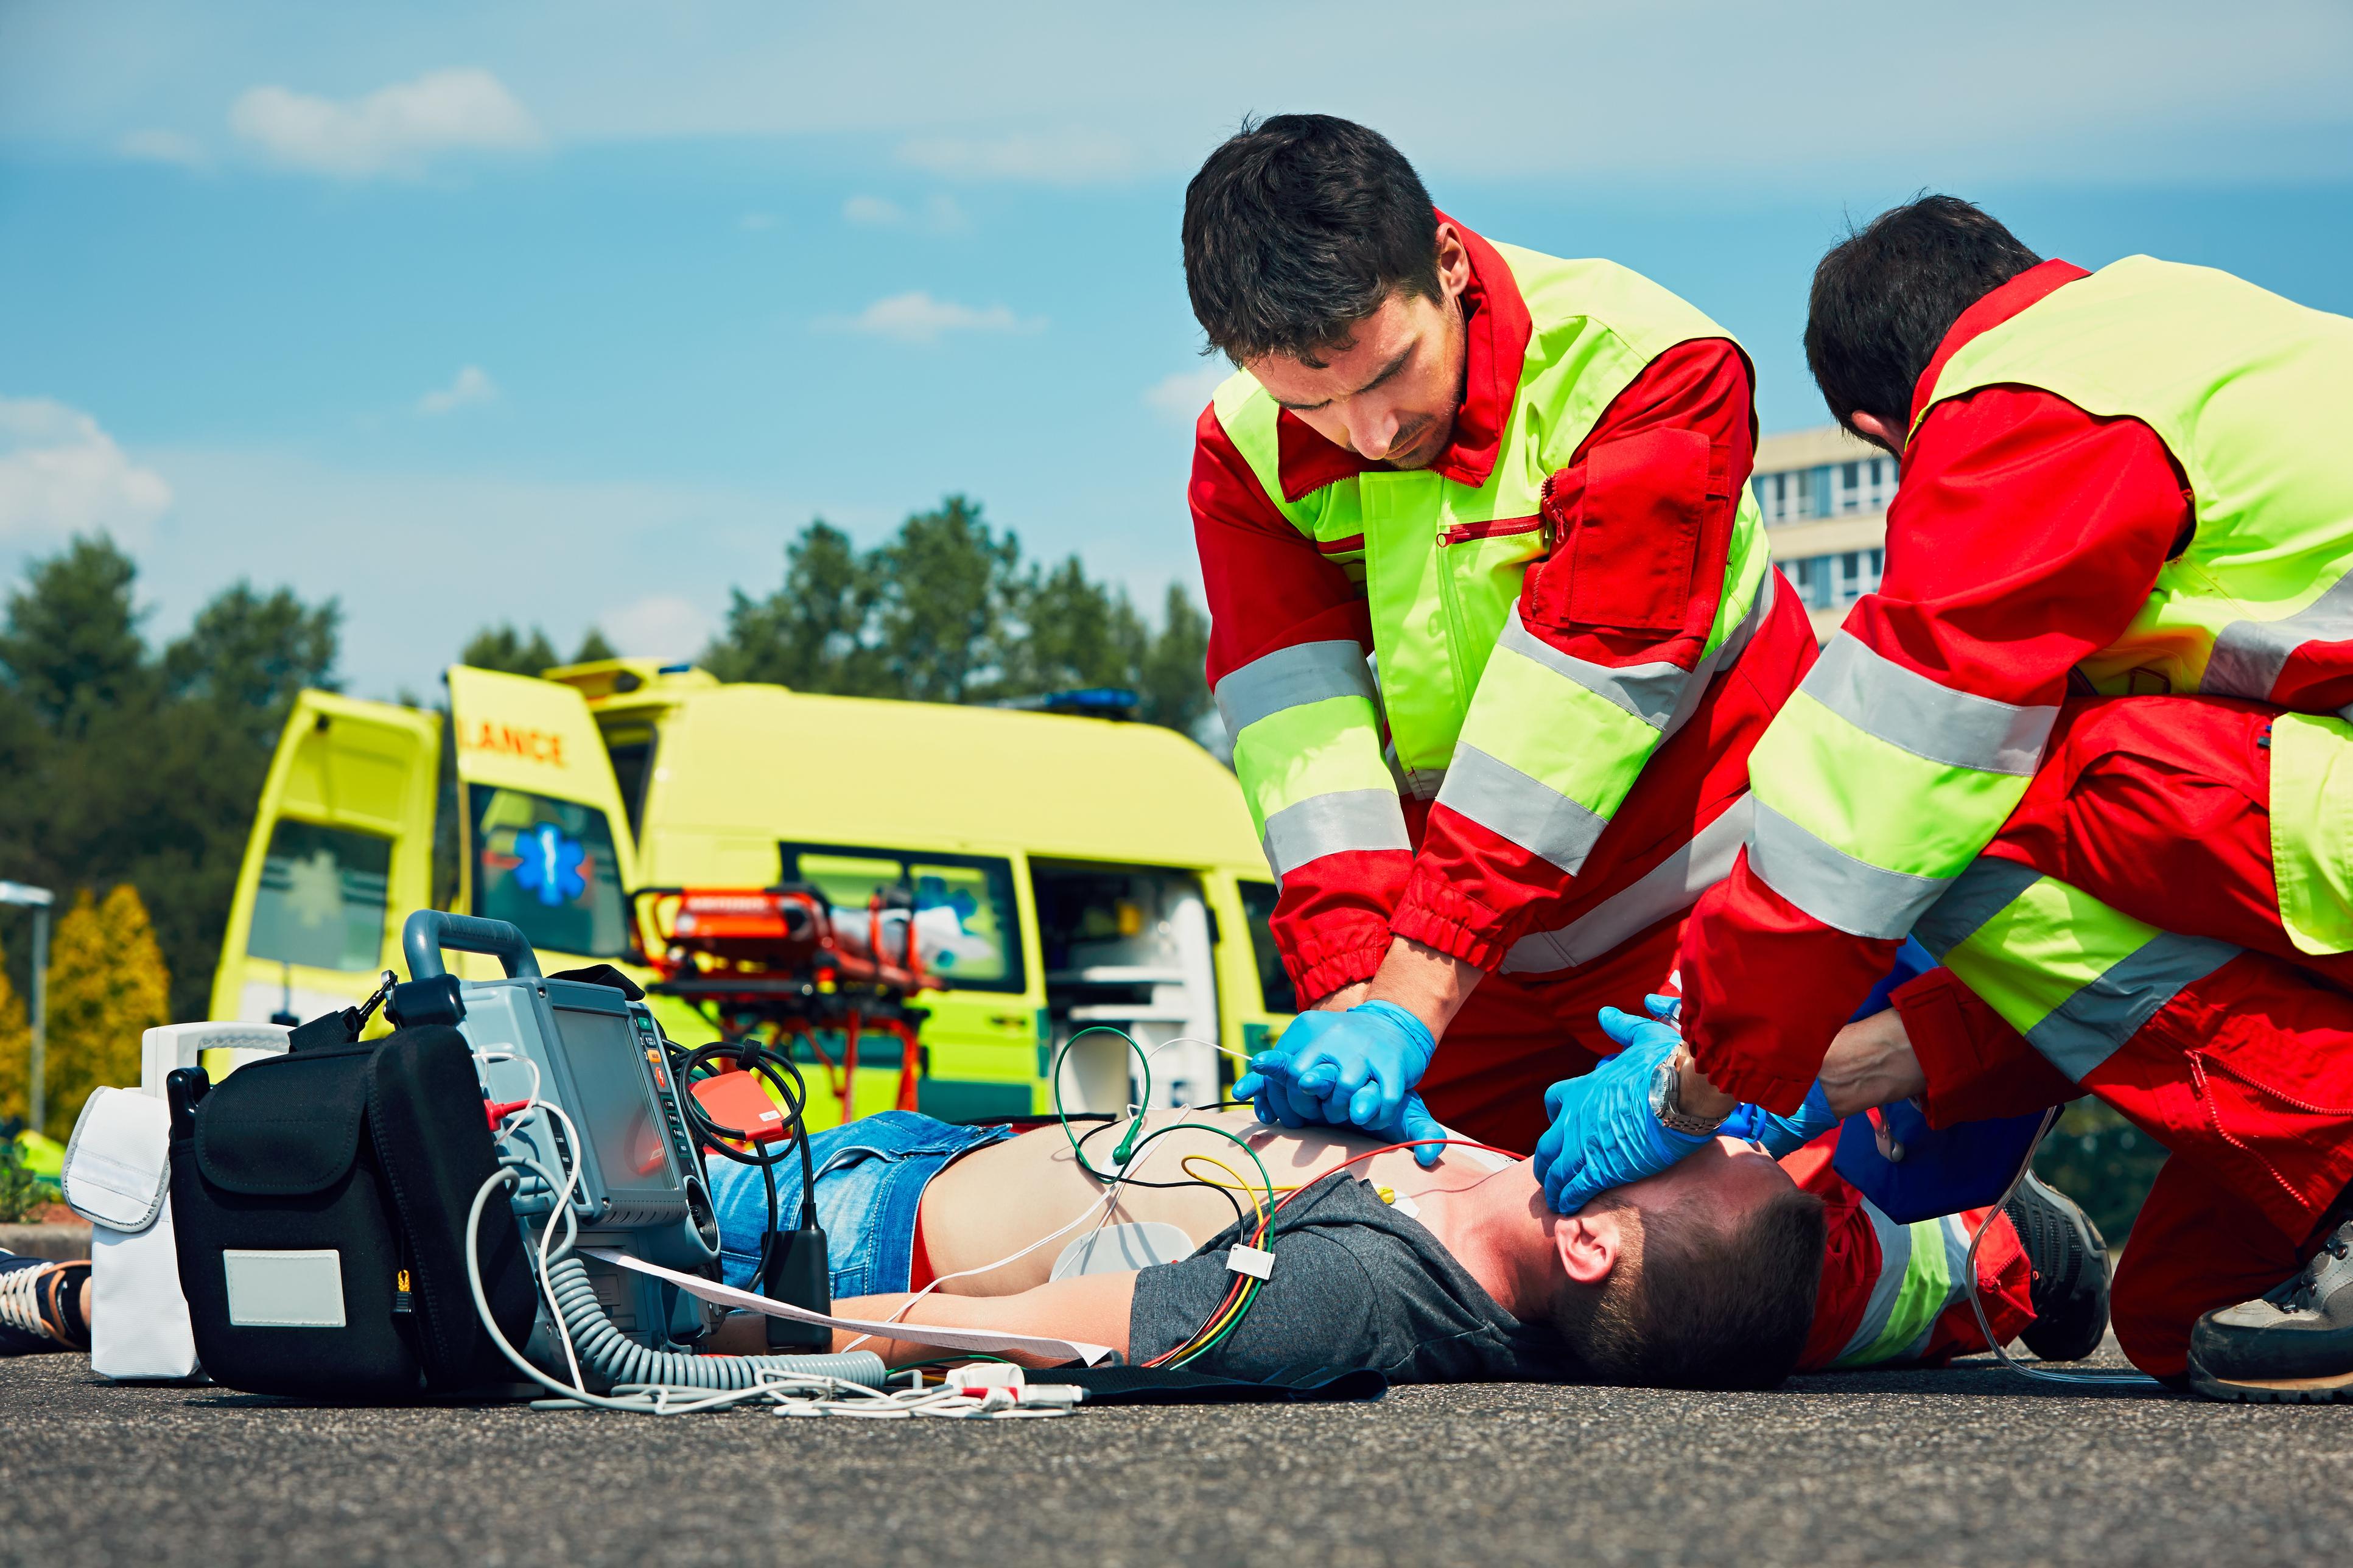 Photo of בן 14 במצב אנוש, עבר פעולות החייאה, לאחר שהתמוטט ואיבד הכרה ברחוב בבני ברק